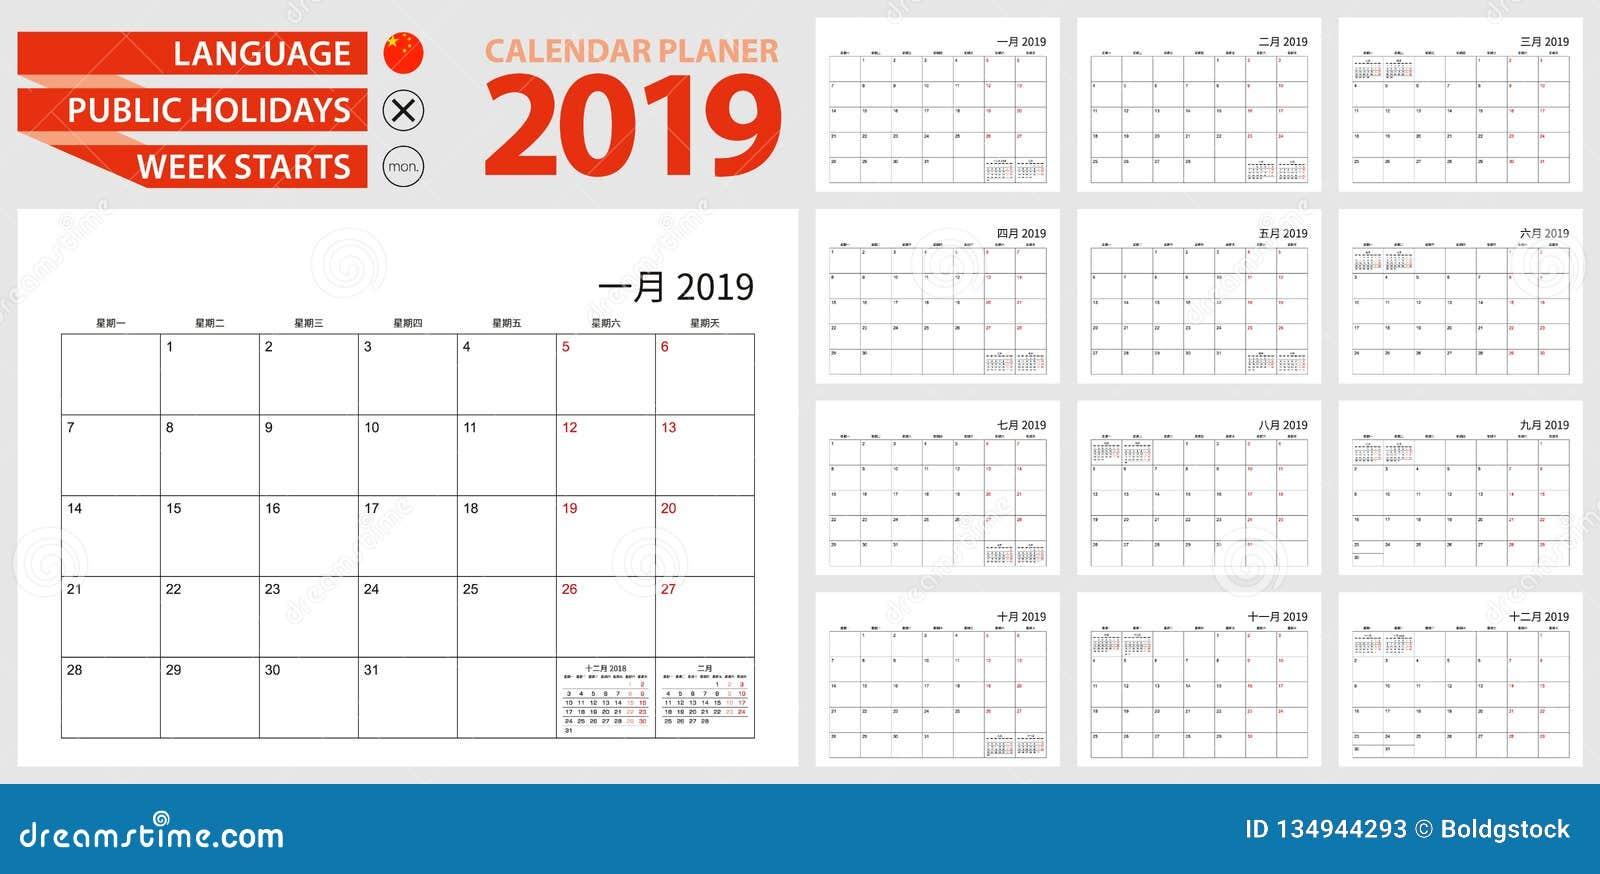 Semaine 2019 Calendrier.Planificateur Chinois De Calendrier Pour 2019 Langue